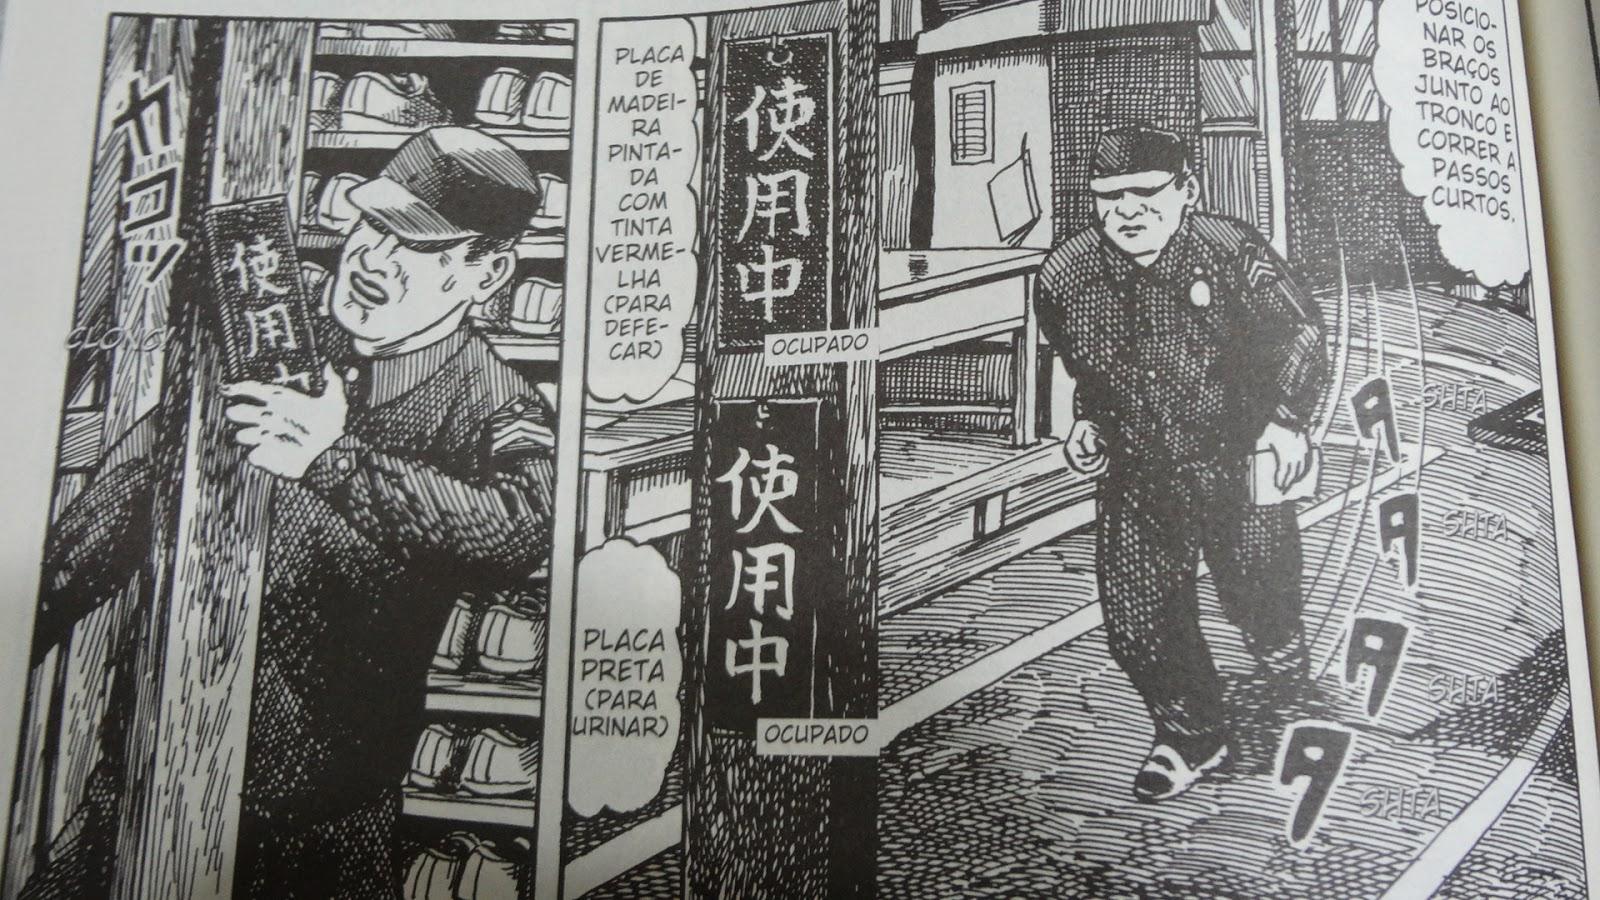 Na Prisão disciplina e comida no Japão panis et libris #6C6C5F 1600 900